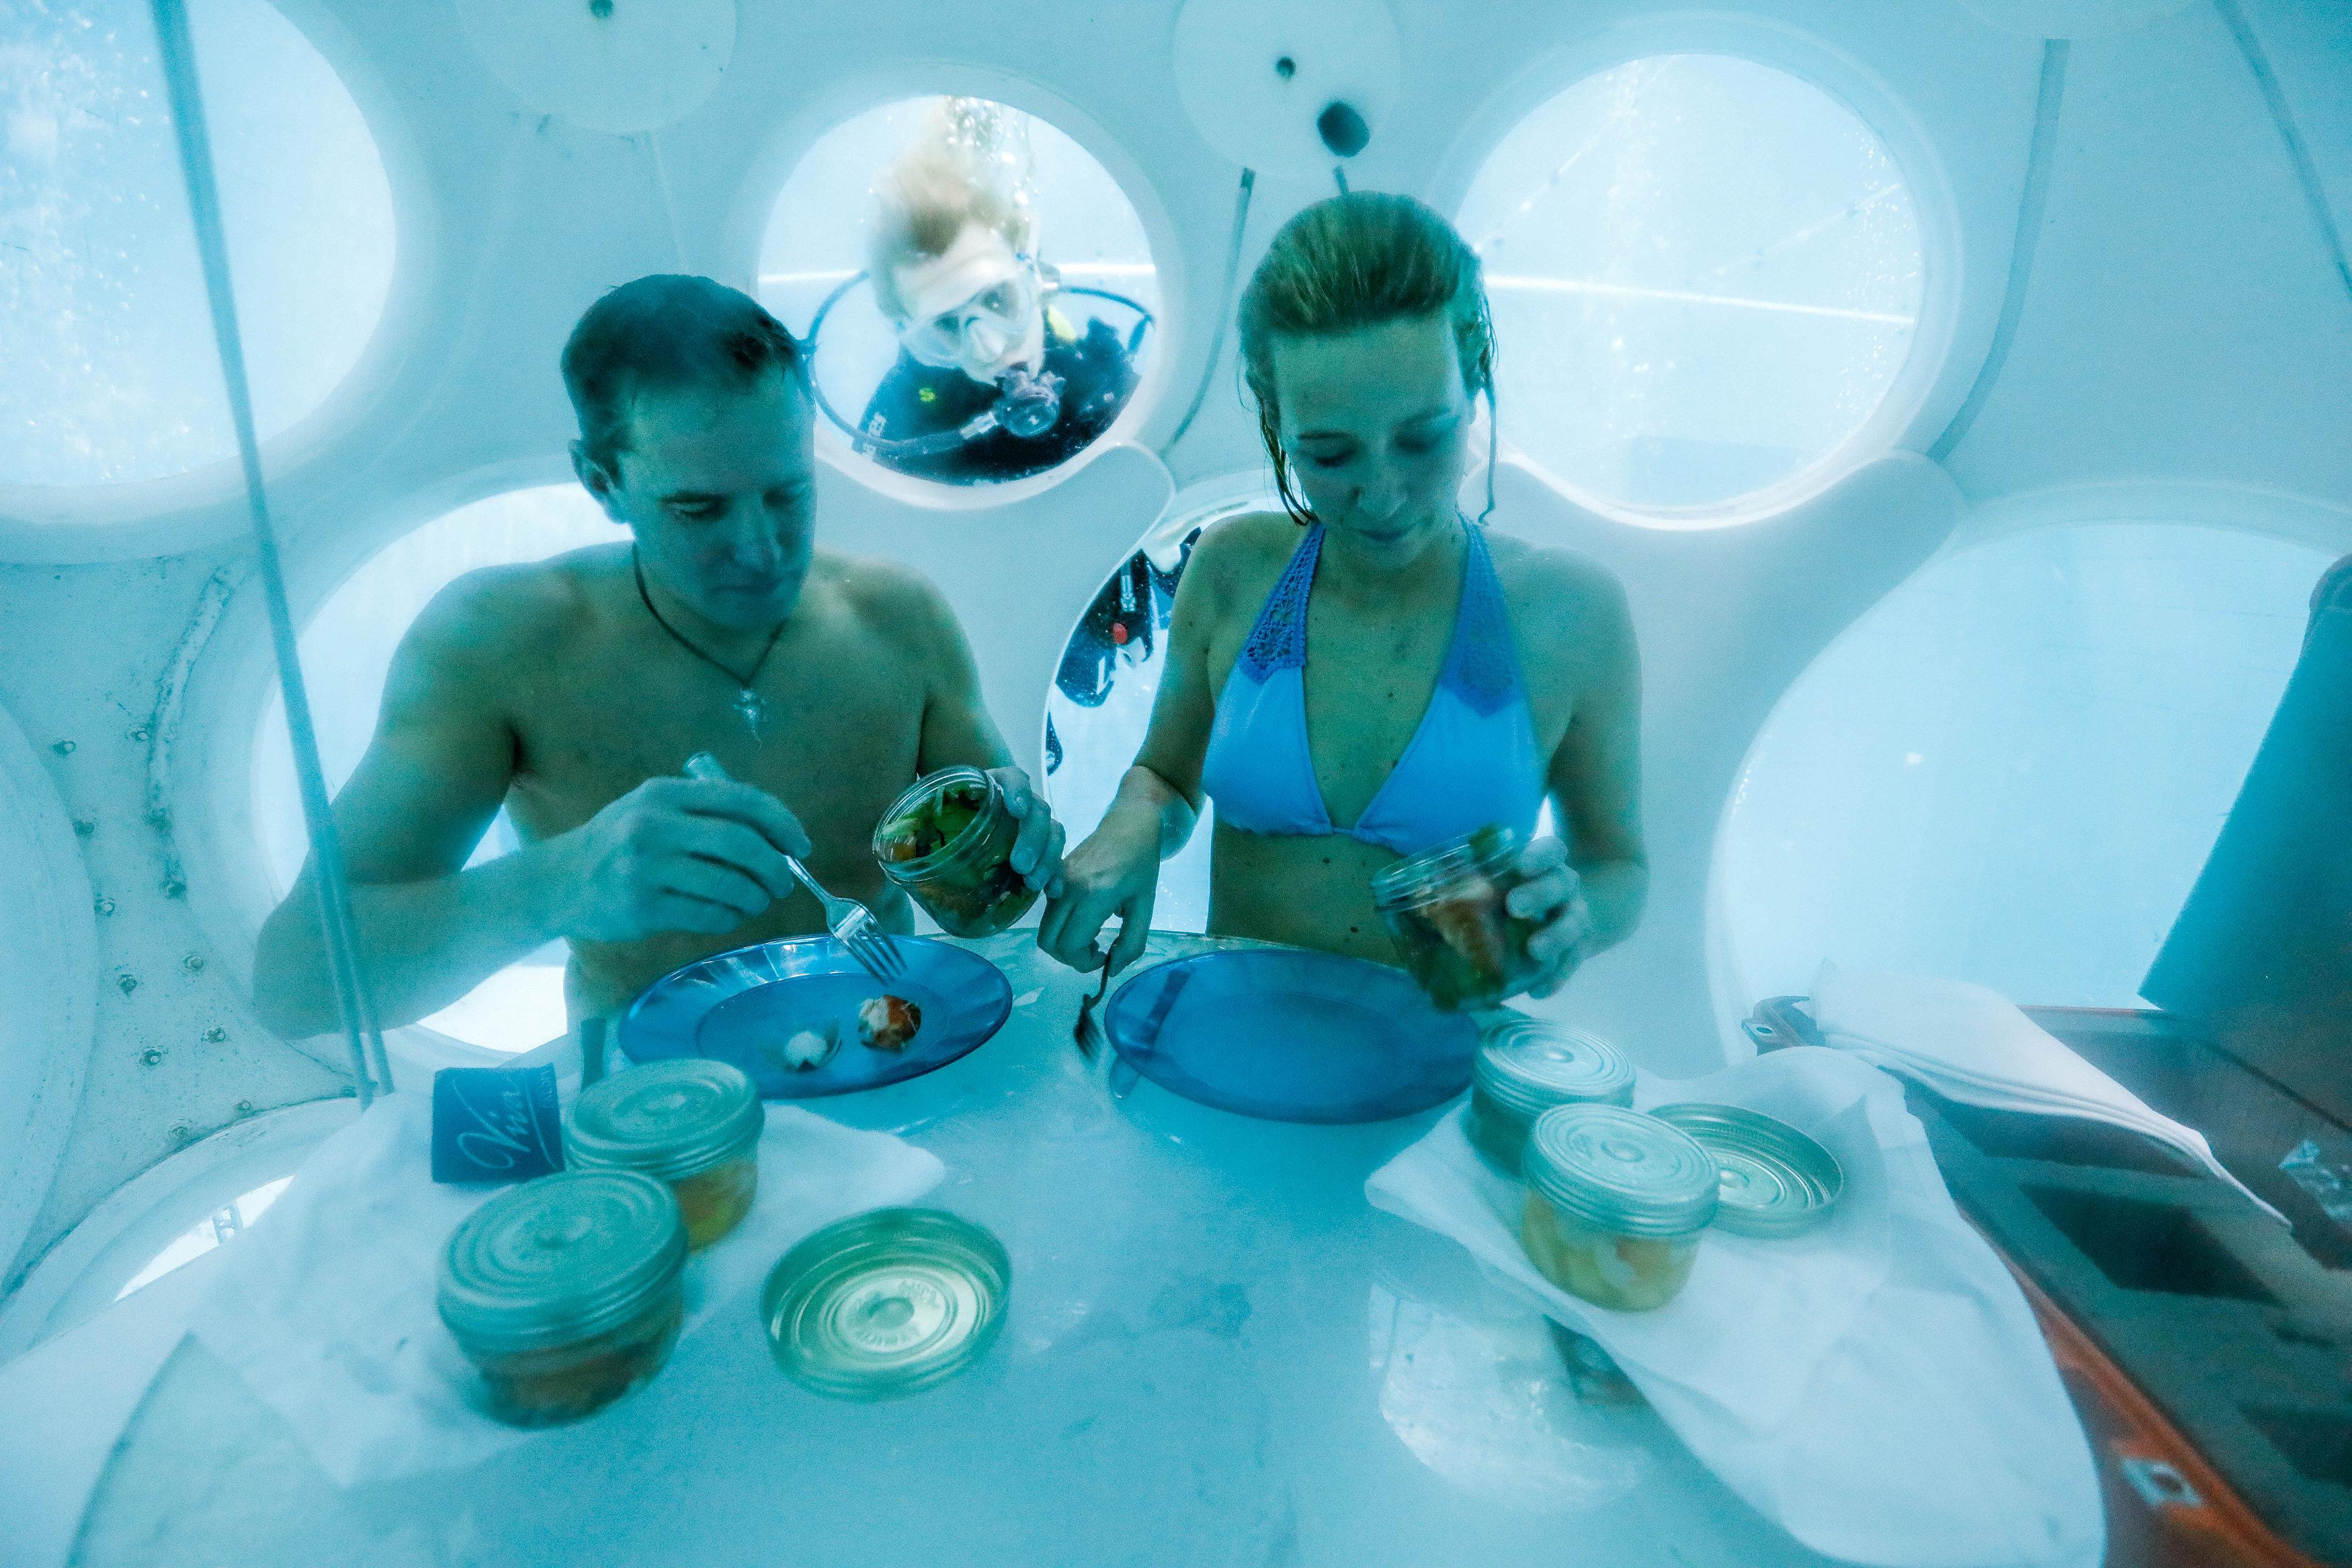 1752344-فلورنسا-ونيكولا-يتناولان-الأطعمة-داخل-المطعم-تحت-الماء